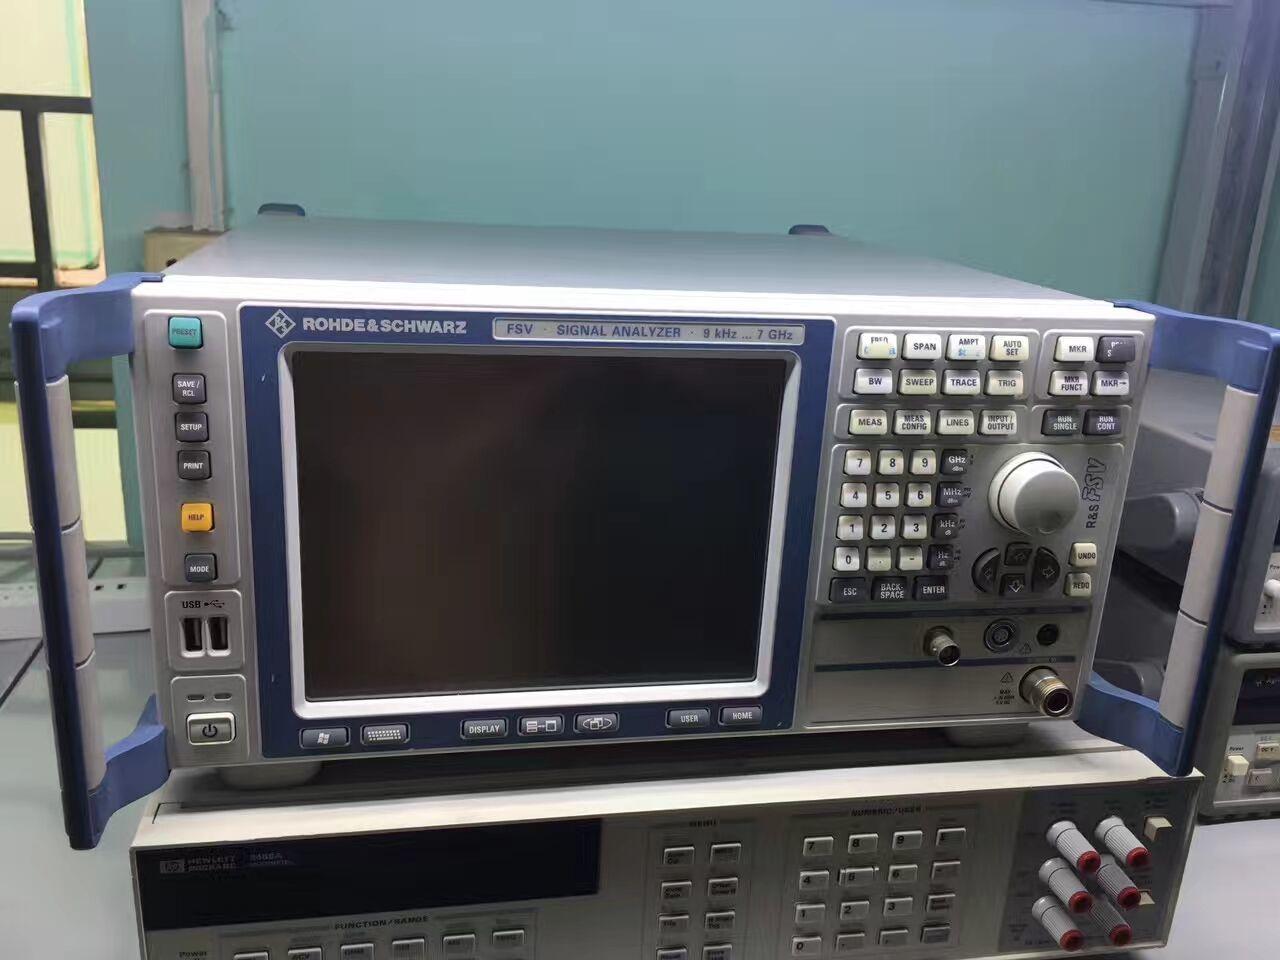 科瑞 频谱分析仪 FSV7频谱分析仪 罗德与施瓦茨频谱分析仪 质量保证示例图1